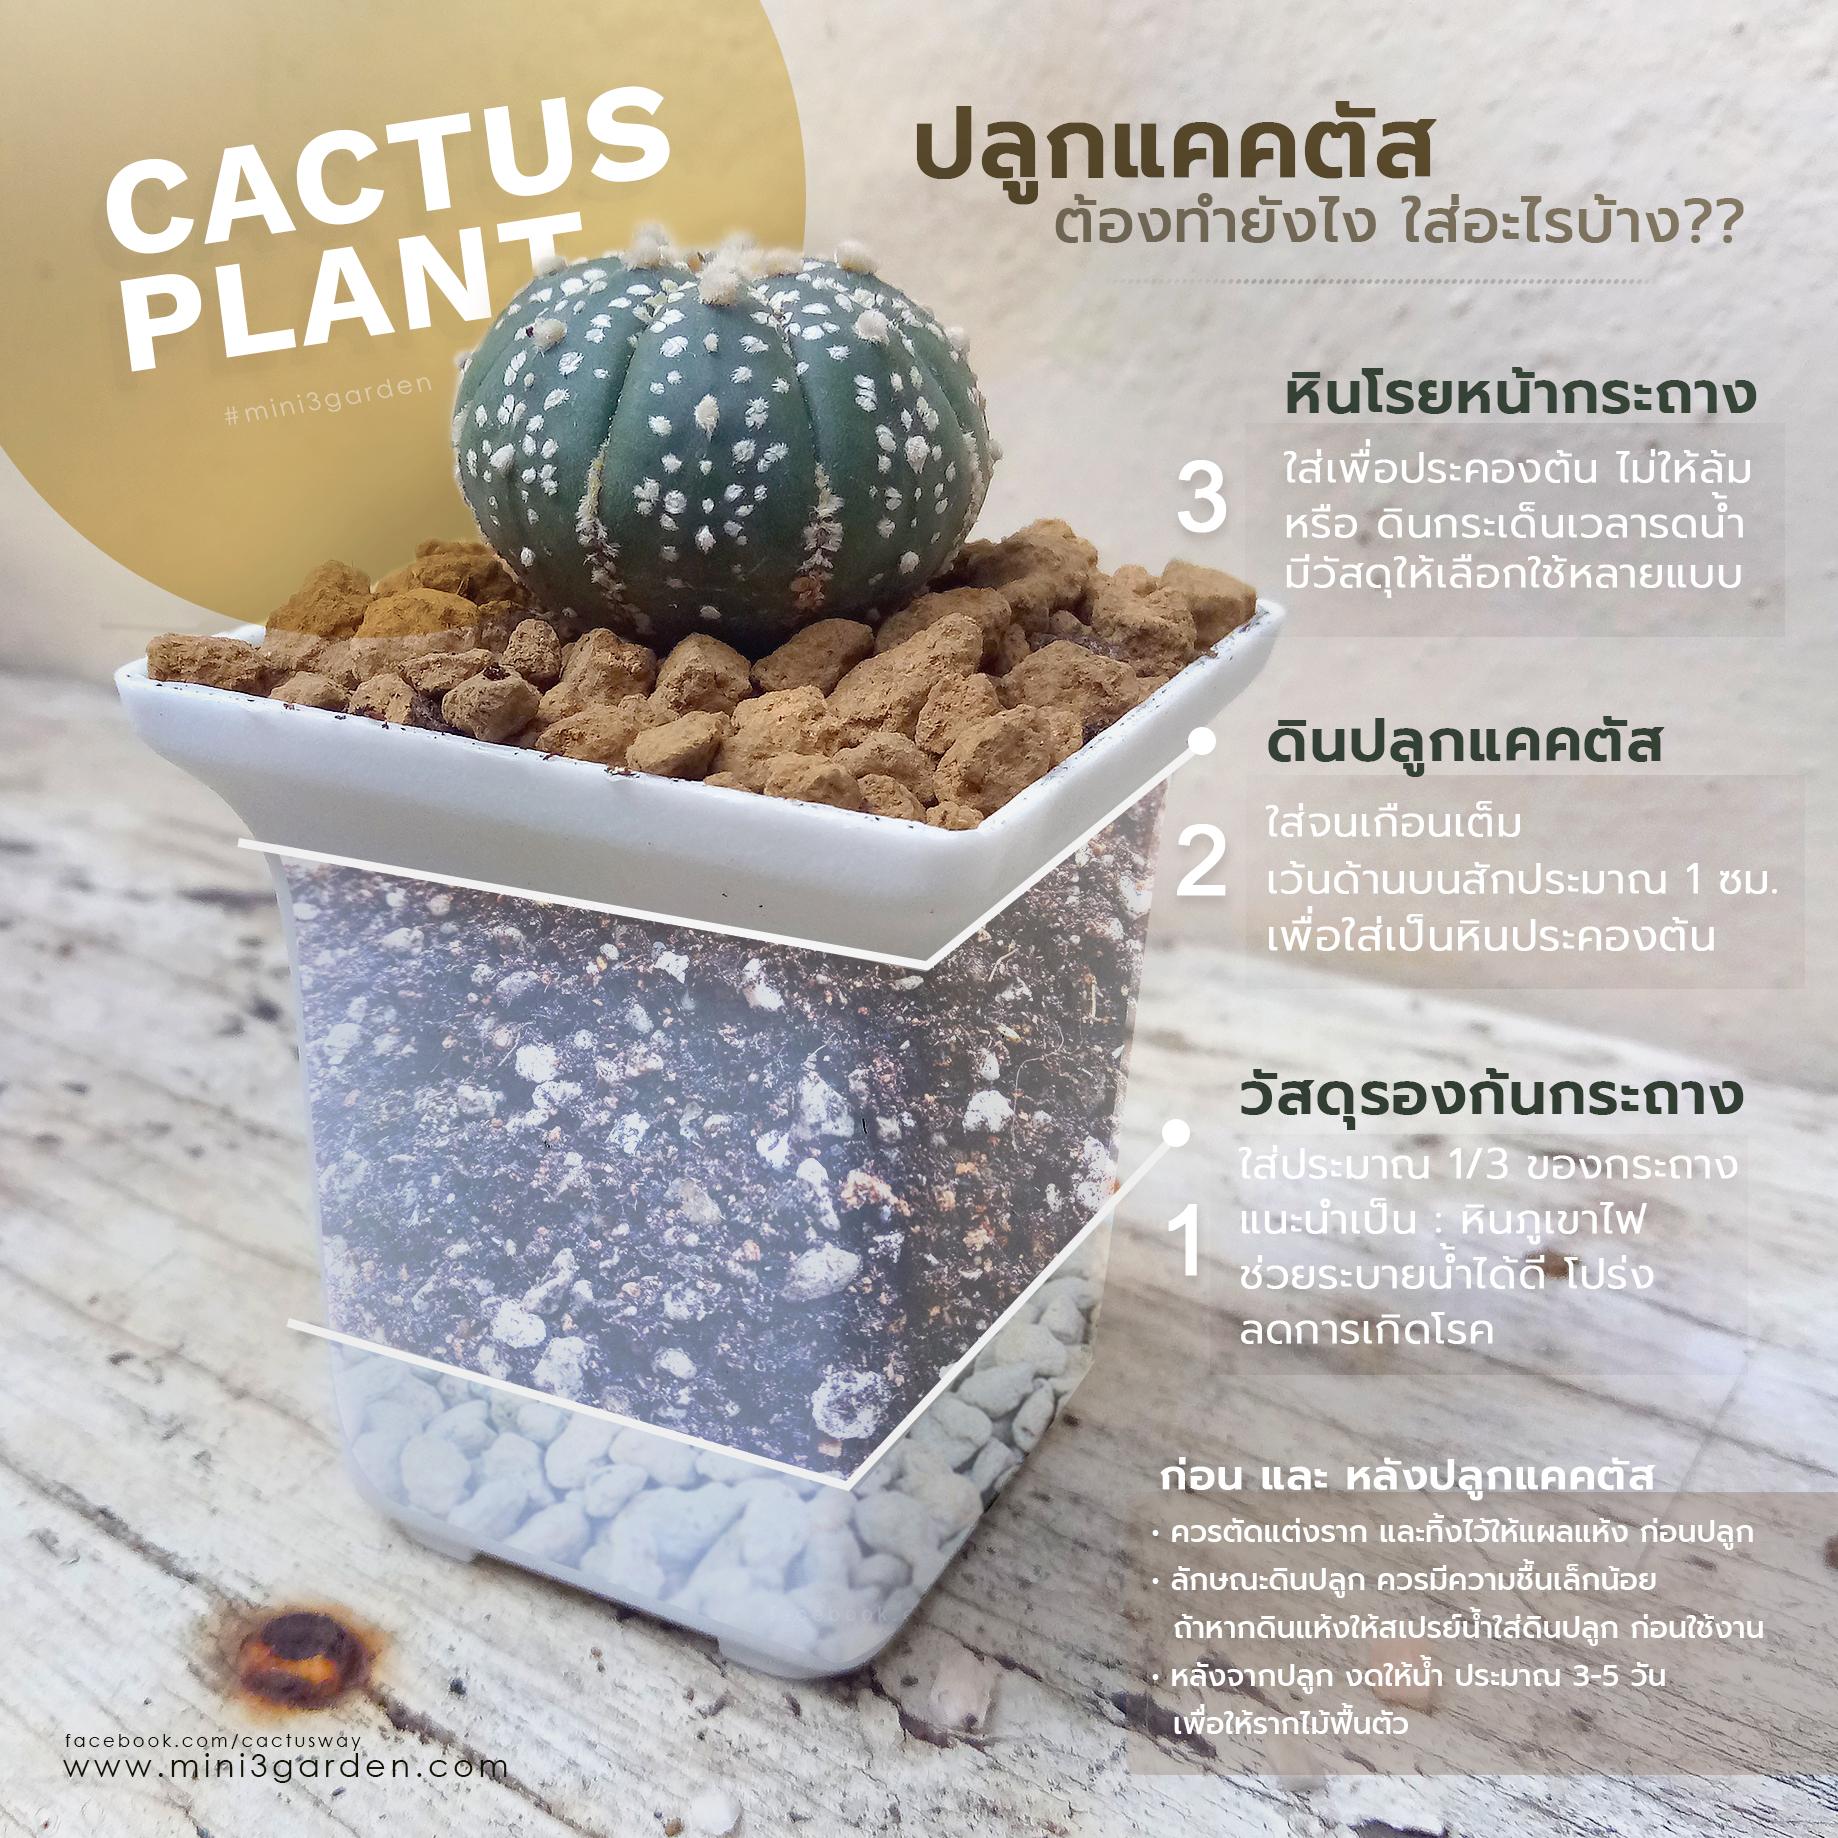 cactus_plant.jpg